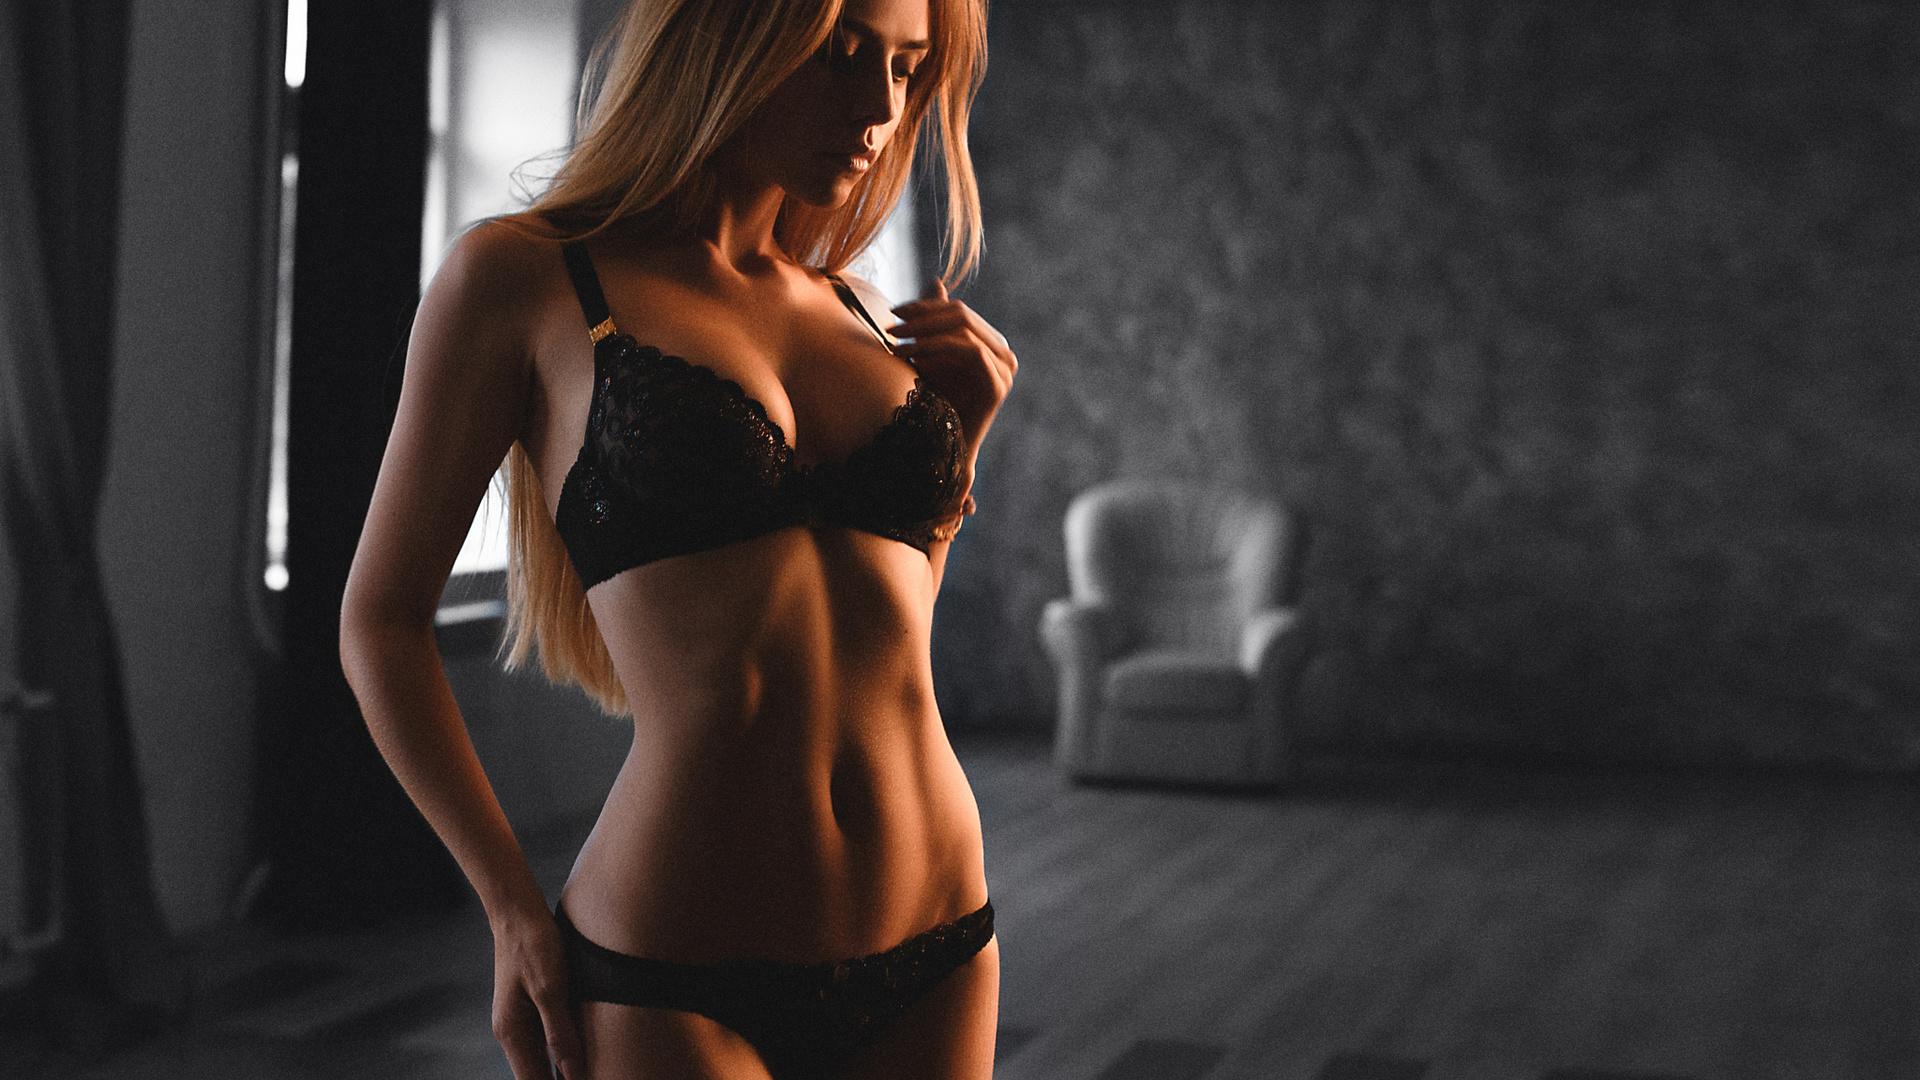 нашем просто красивое тело девушек когда впервые